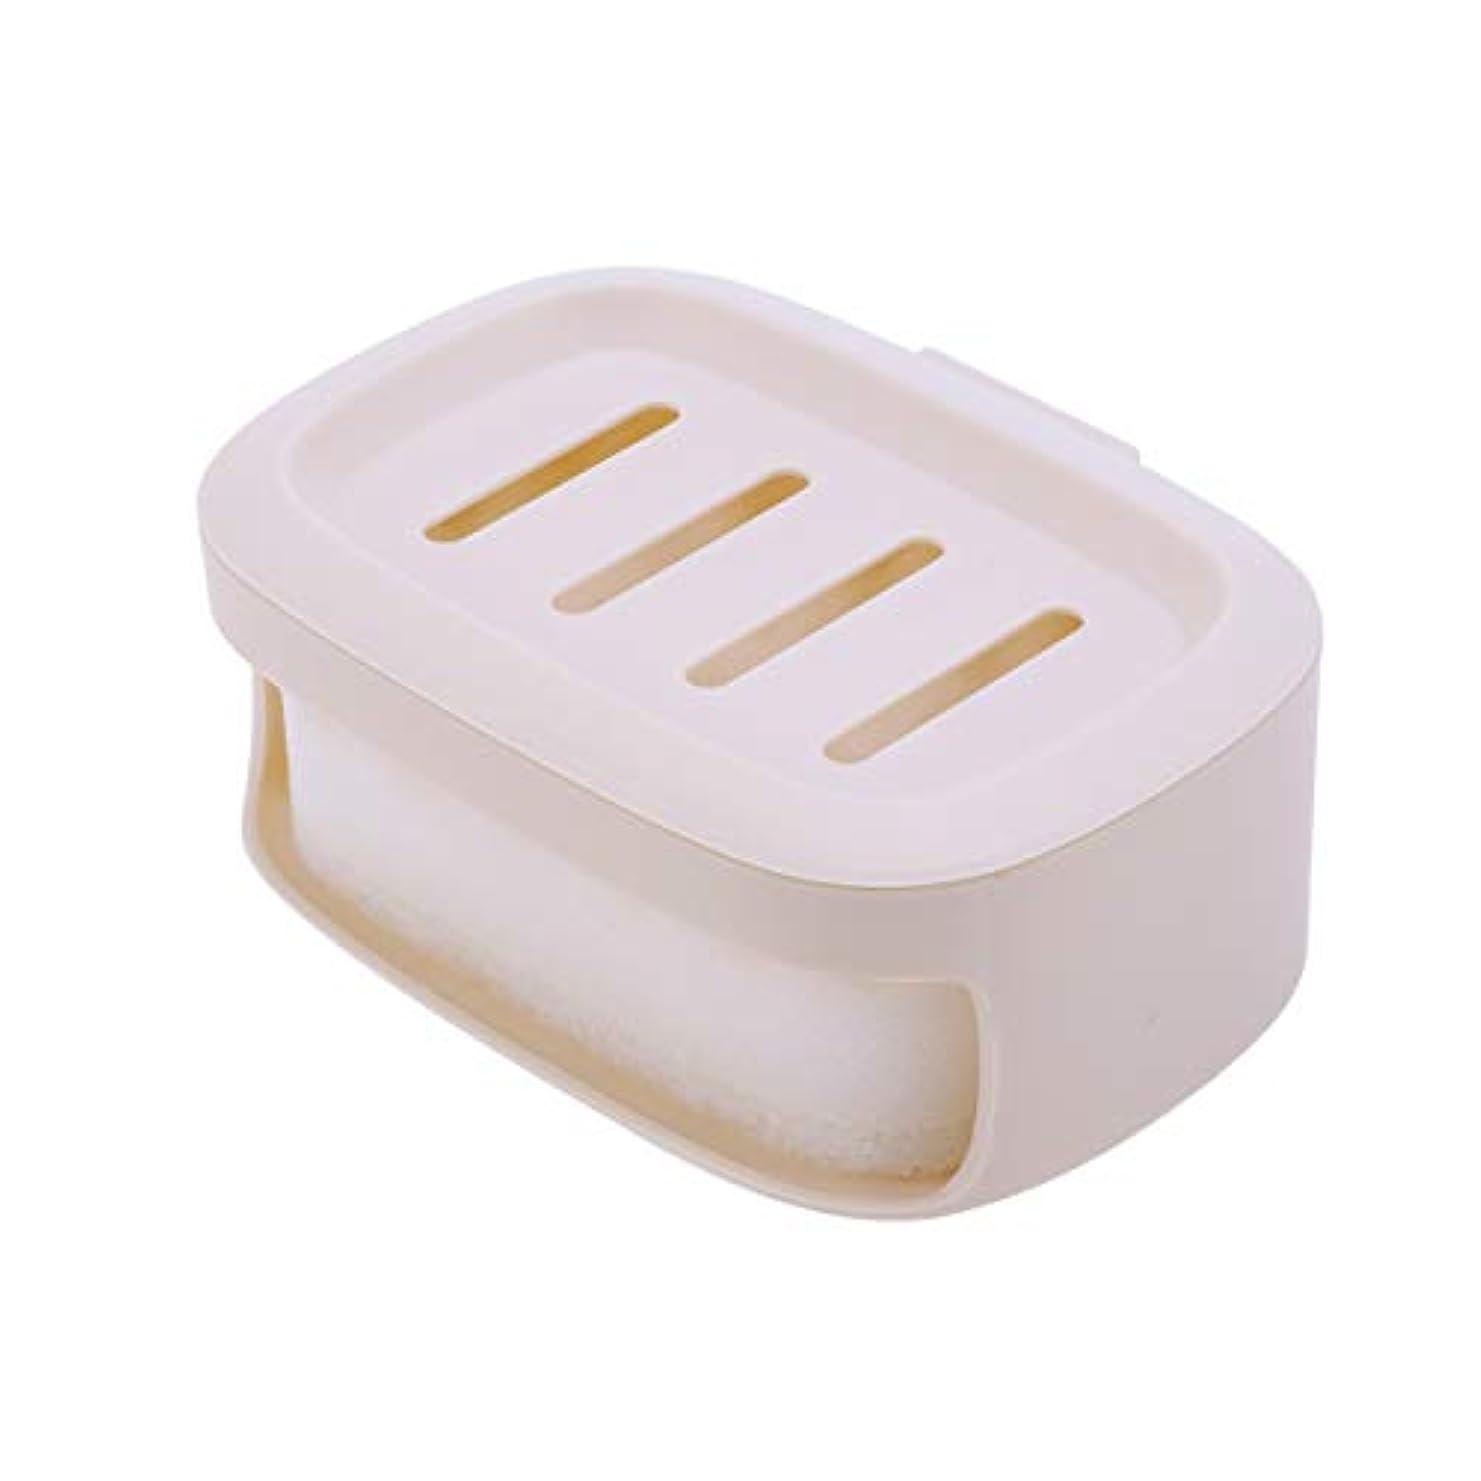 いいね配管工着替えるHEALIFTY ソープボックス防水ソープコンテナ浴室ソープ収納ケースソープホルダー(カーキ)